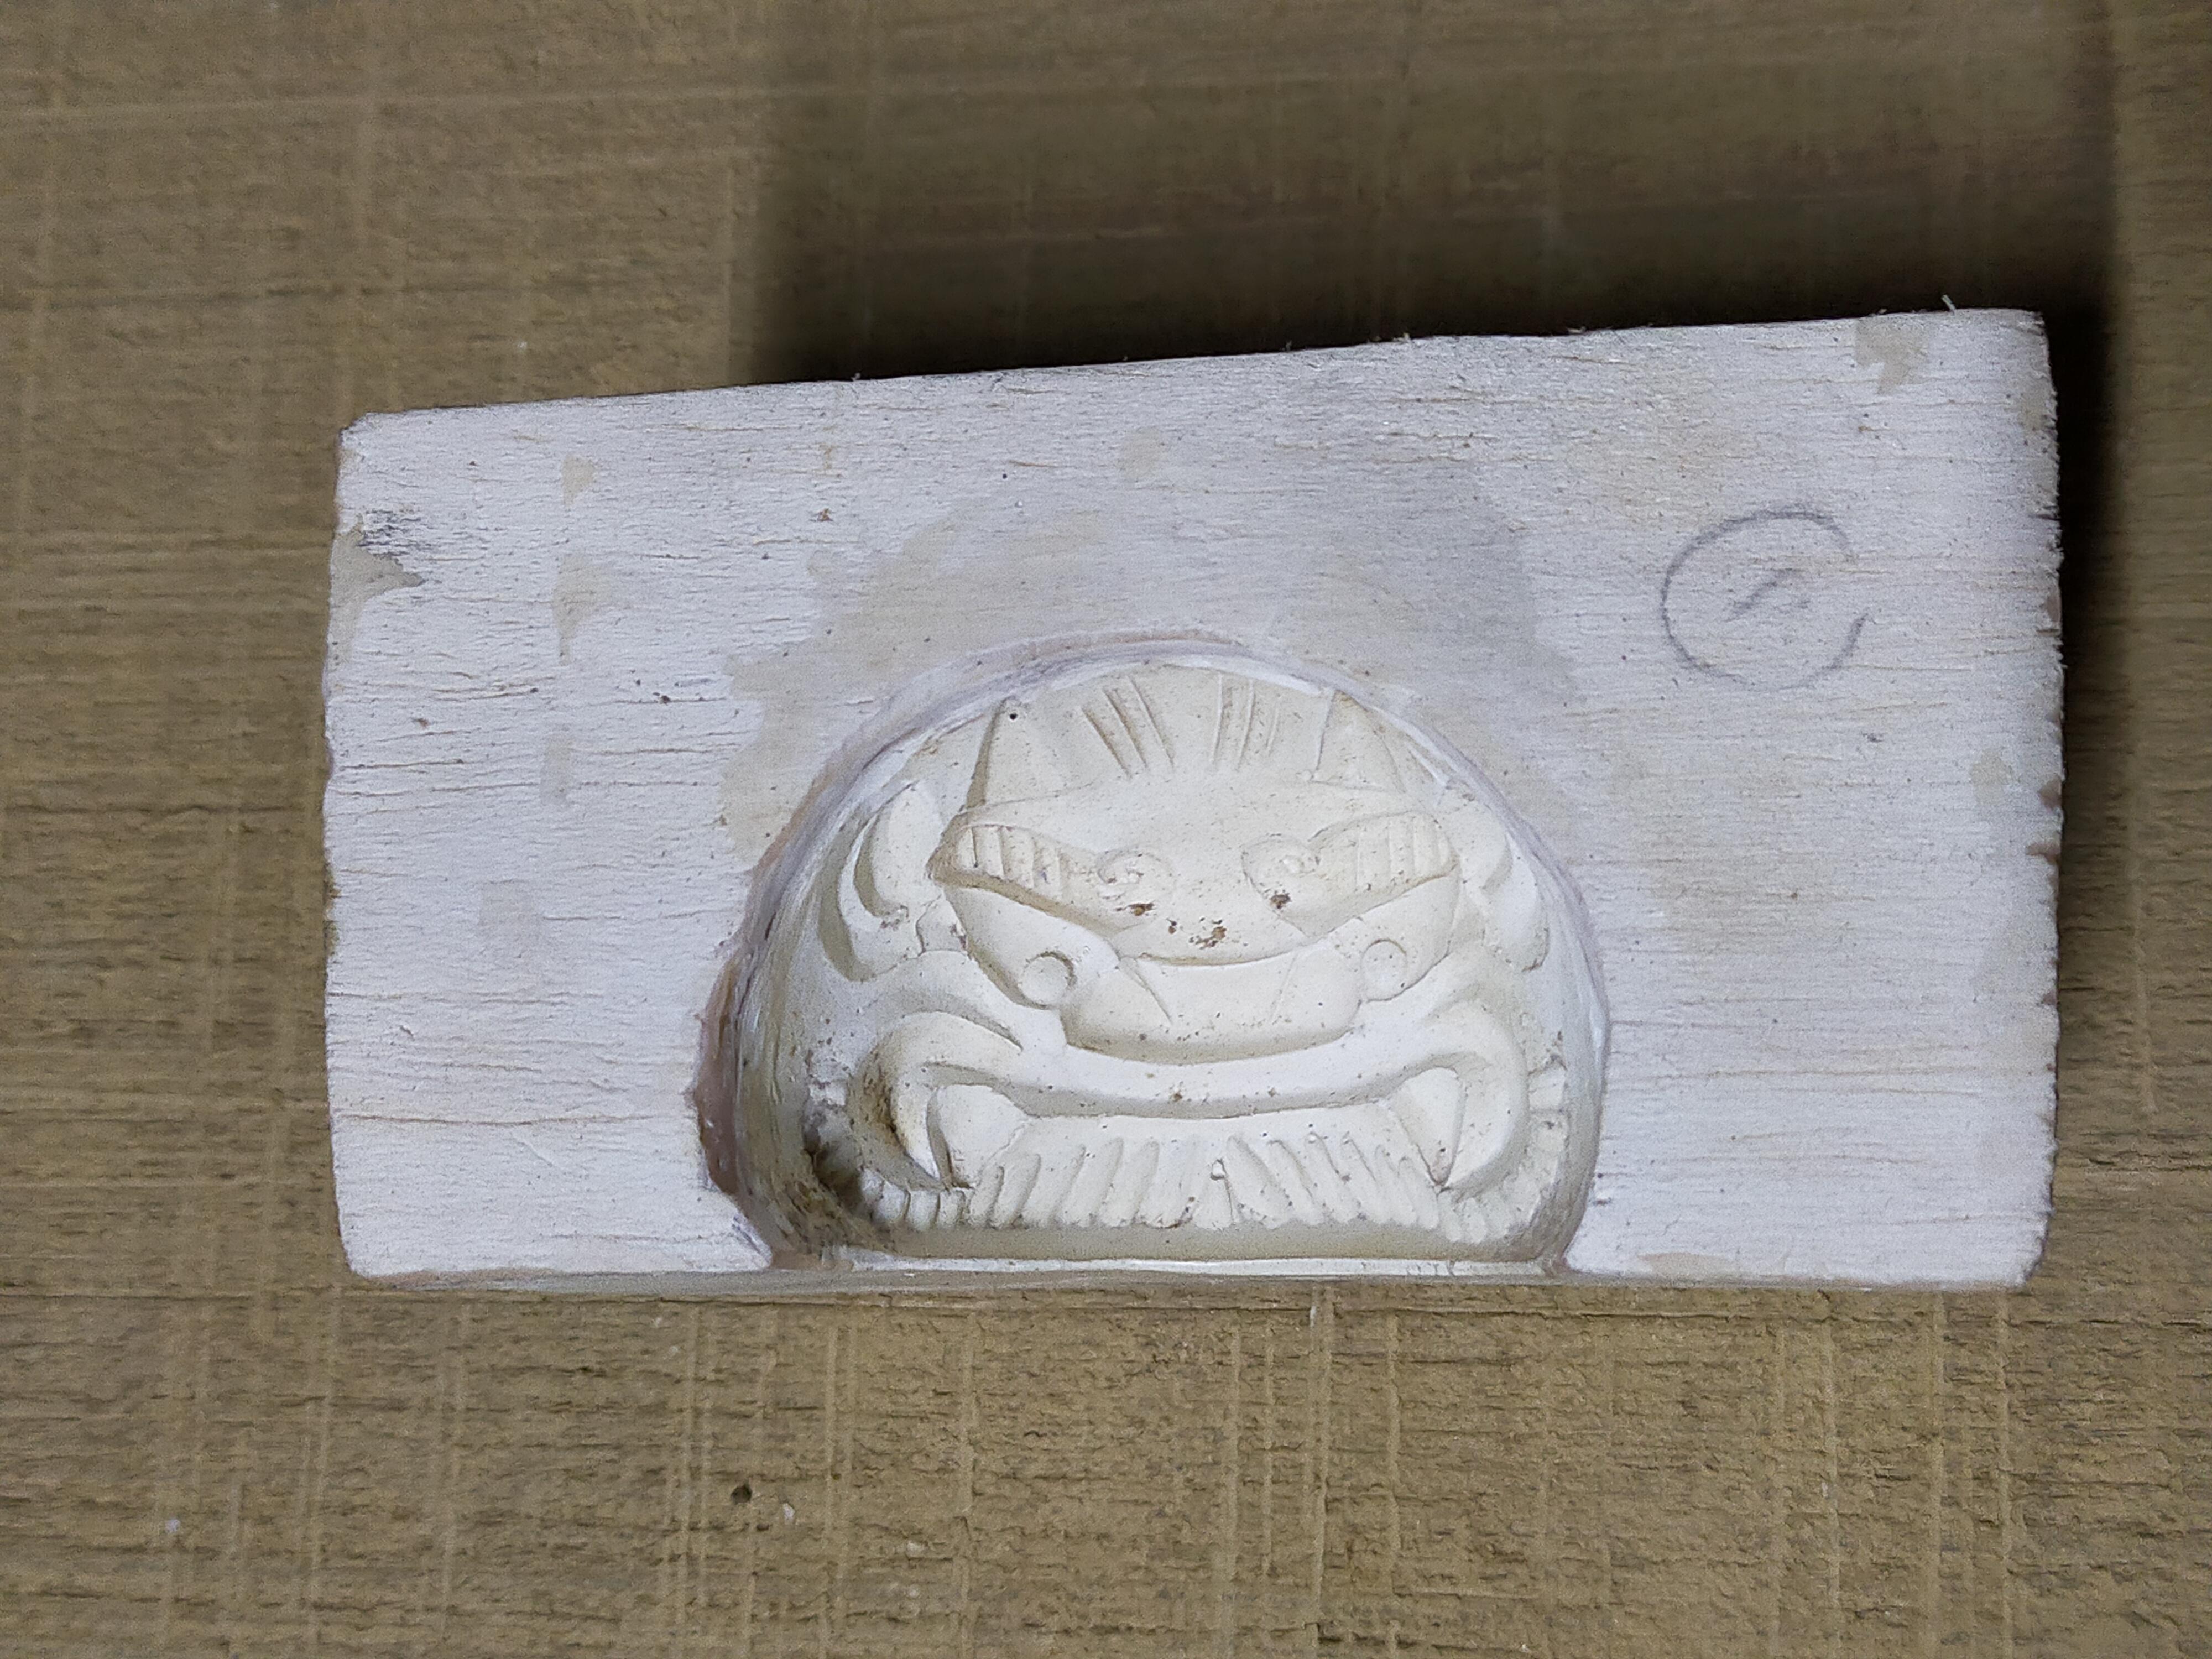 量産鬼瓦の製作工程② ~石膏型の製作~